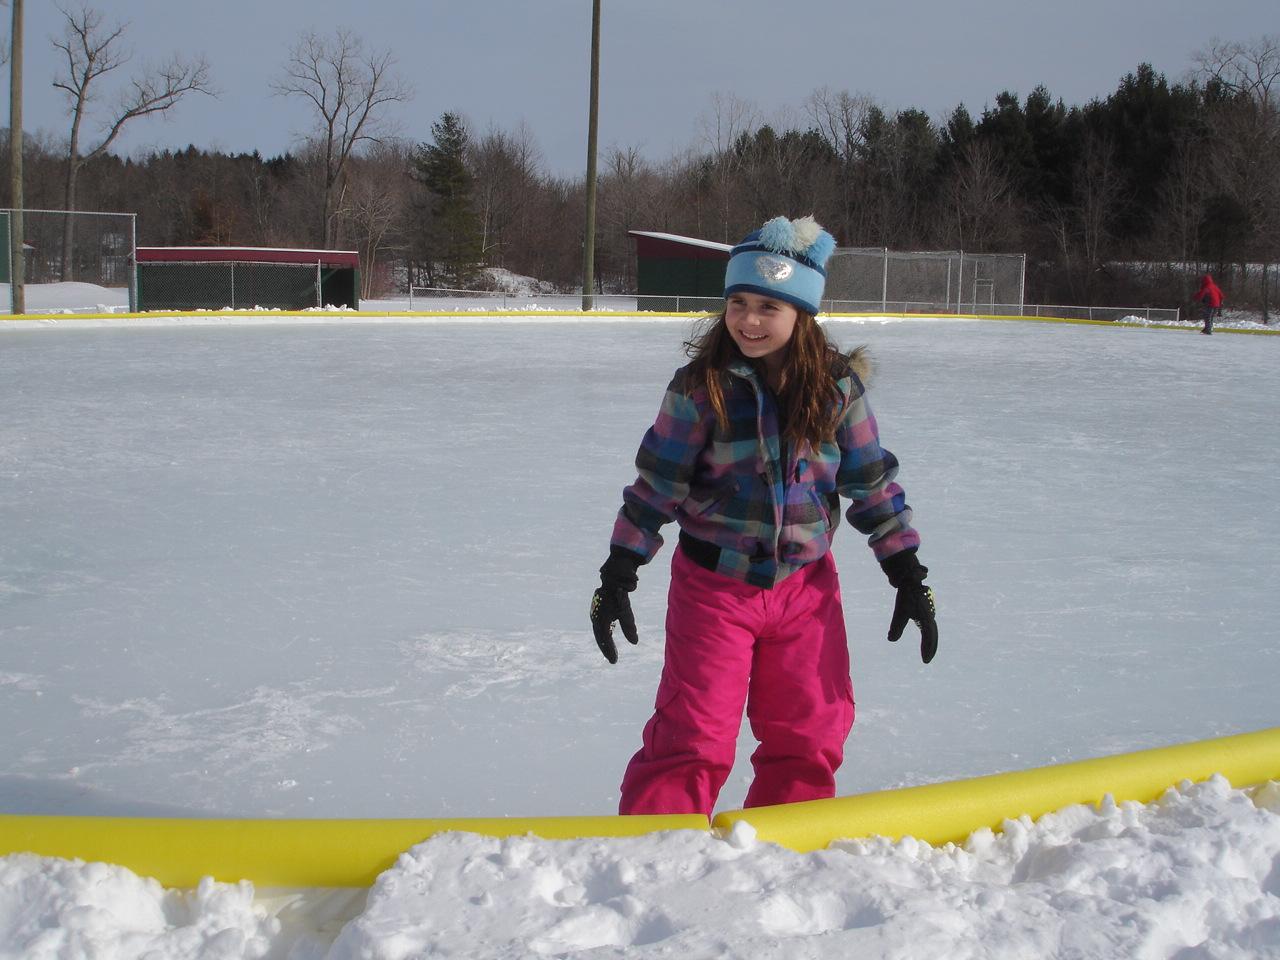 Ice Skating in Chikaming Township Park